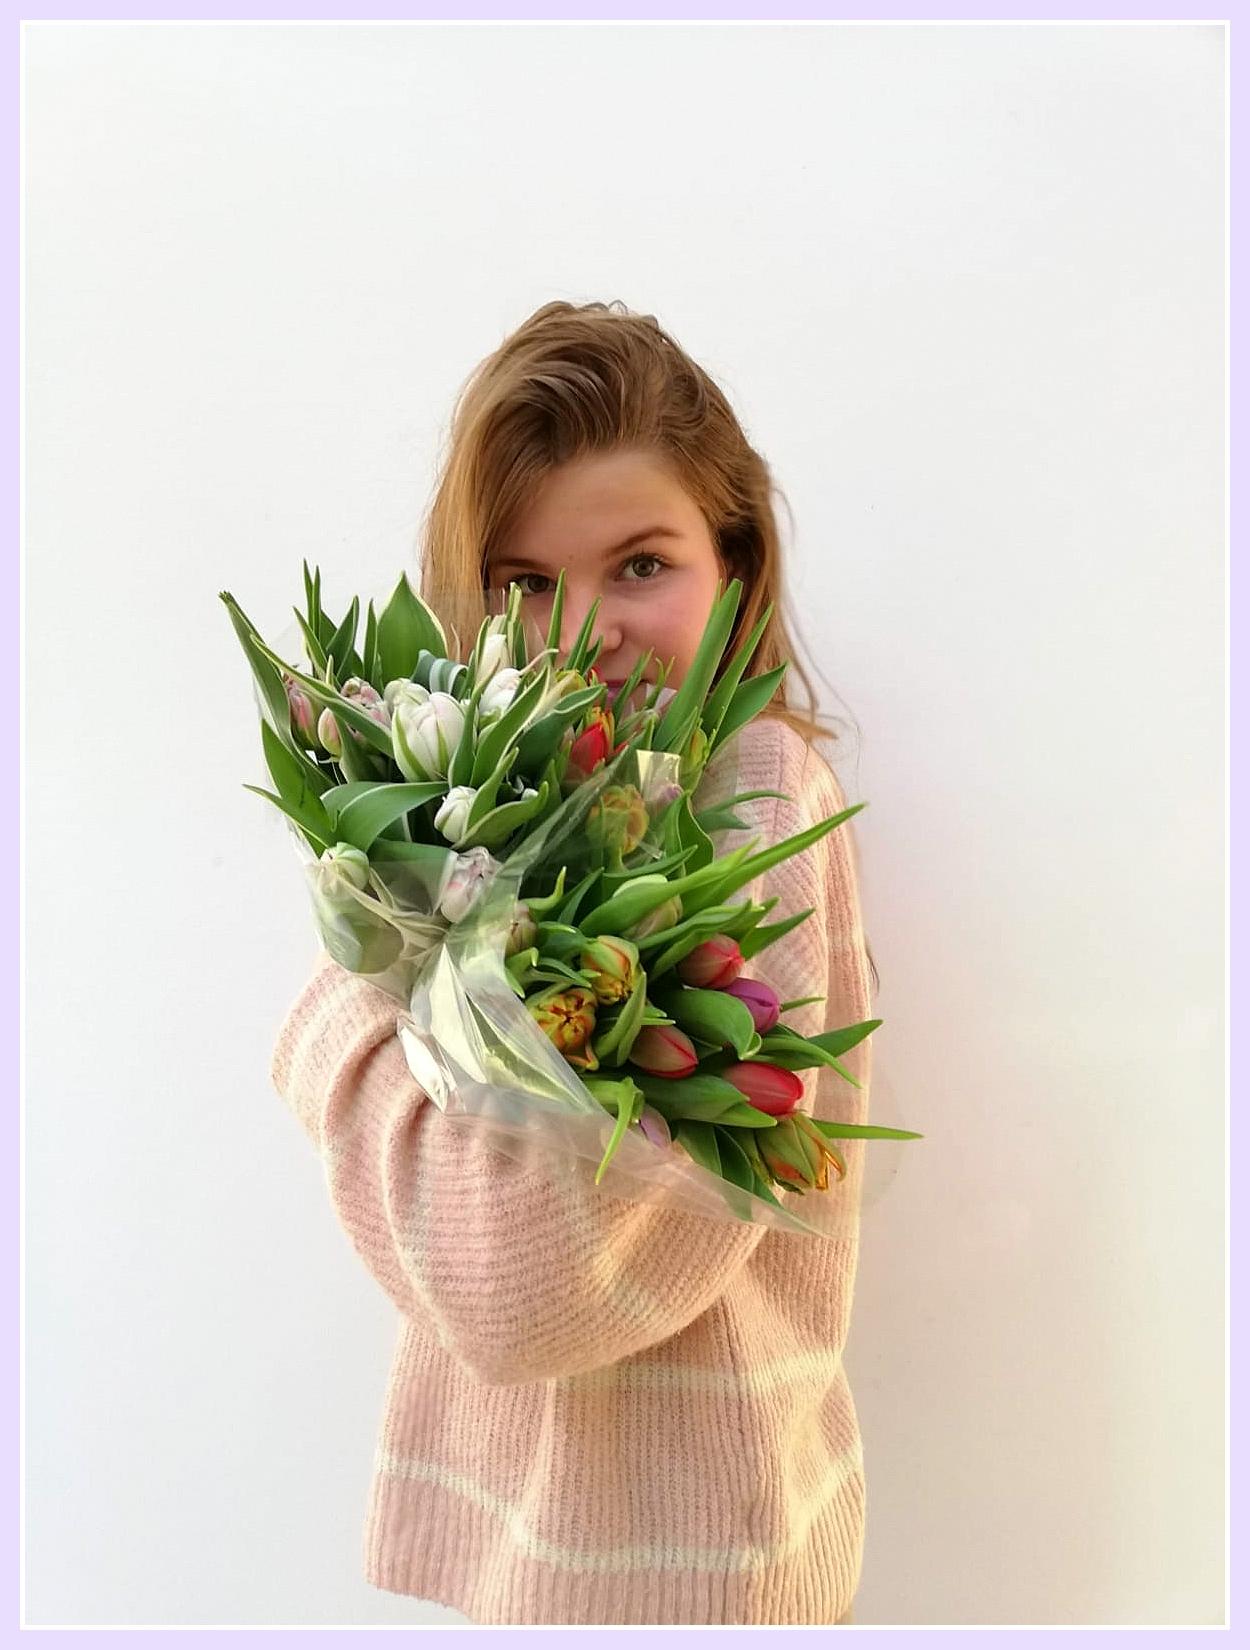 Mijn lieve dochter met frisse tulpen